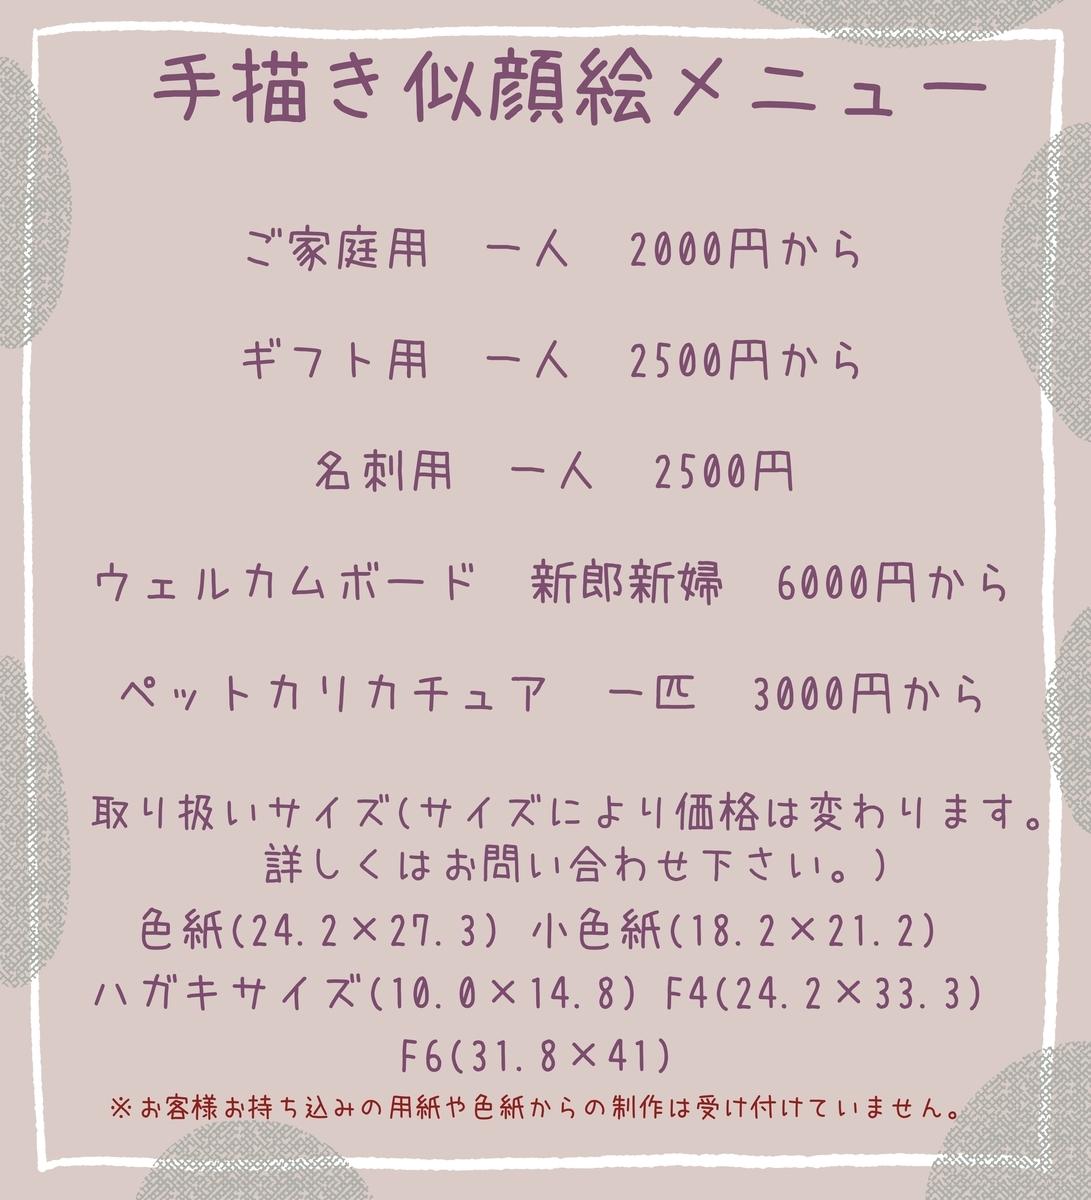 手描き似顔絵メニュー 北海道札幌の似顔絵作家高井じゅり 似顔絵ファクトリー